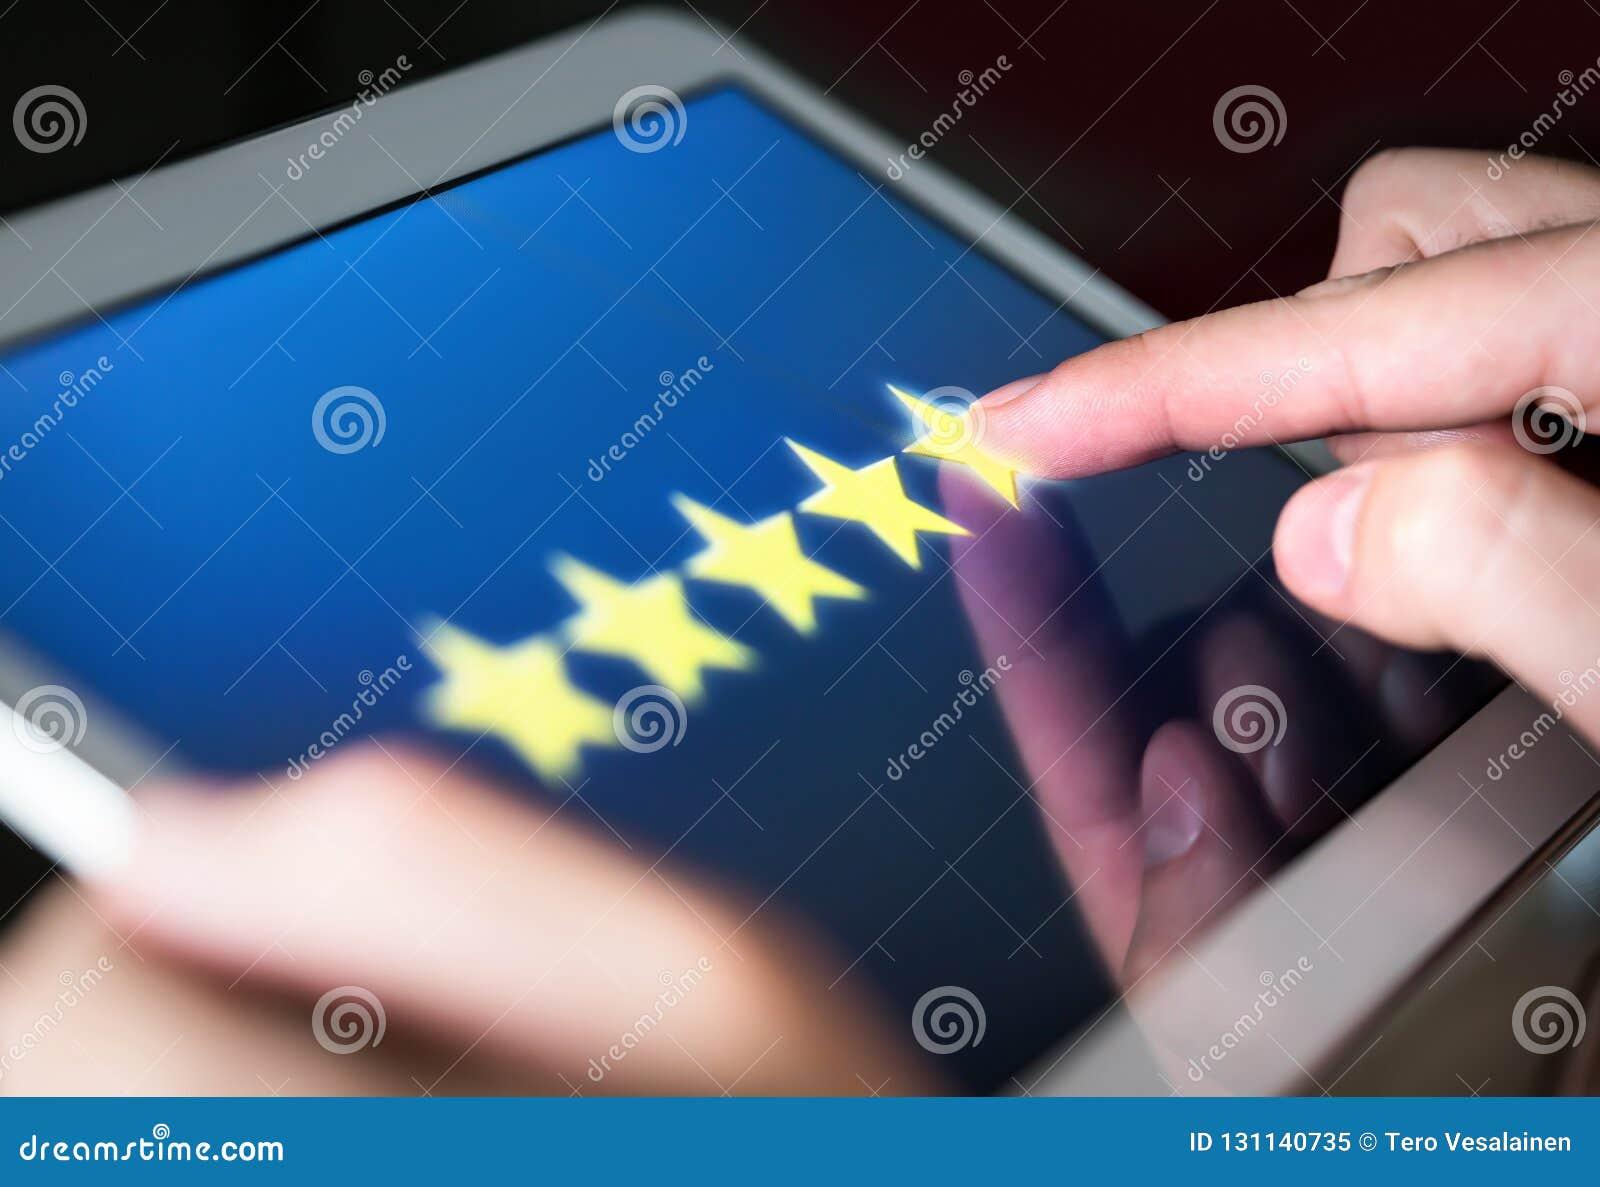 Avaliação de 5 estrelas ou revisão na avaliação, na votação, no questionário ou na pesquisa da satisfação do cliente